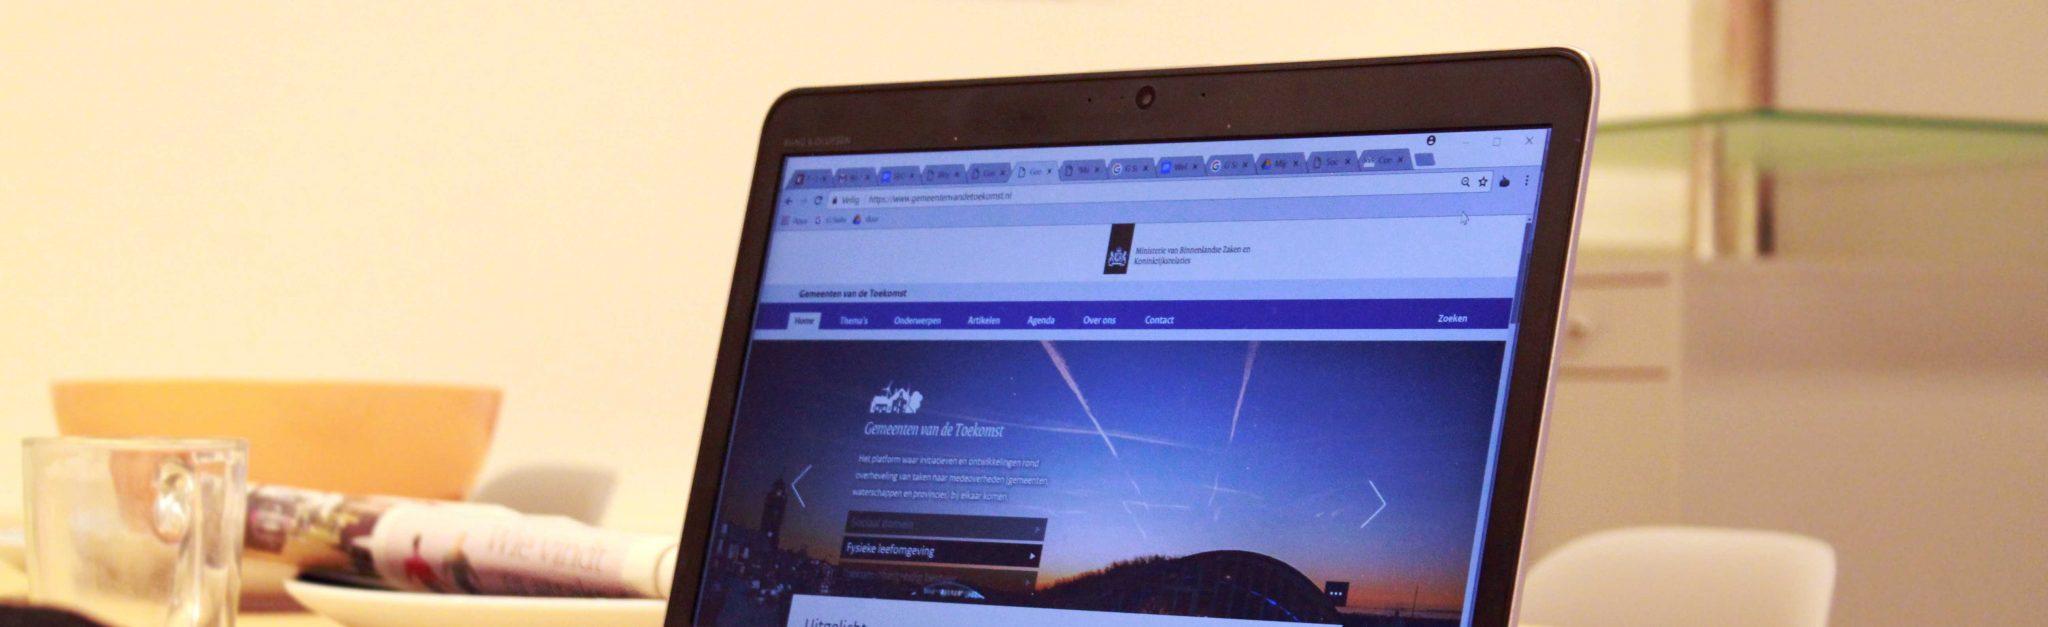 Webredactie en monitoring gemeenten van de toekomst hvr group